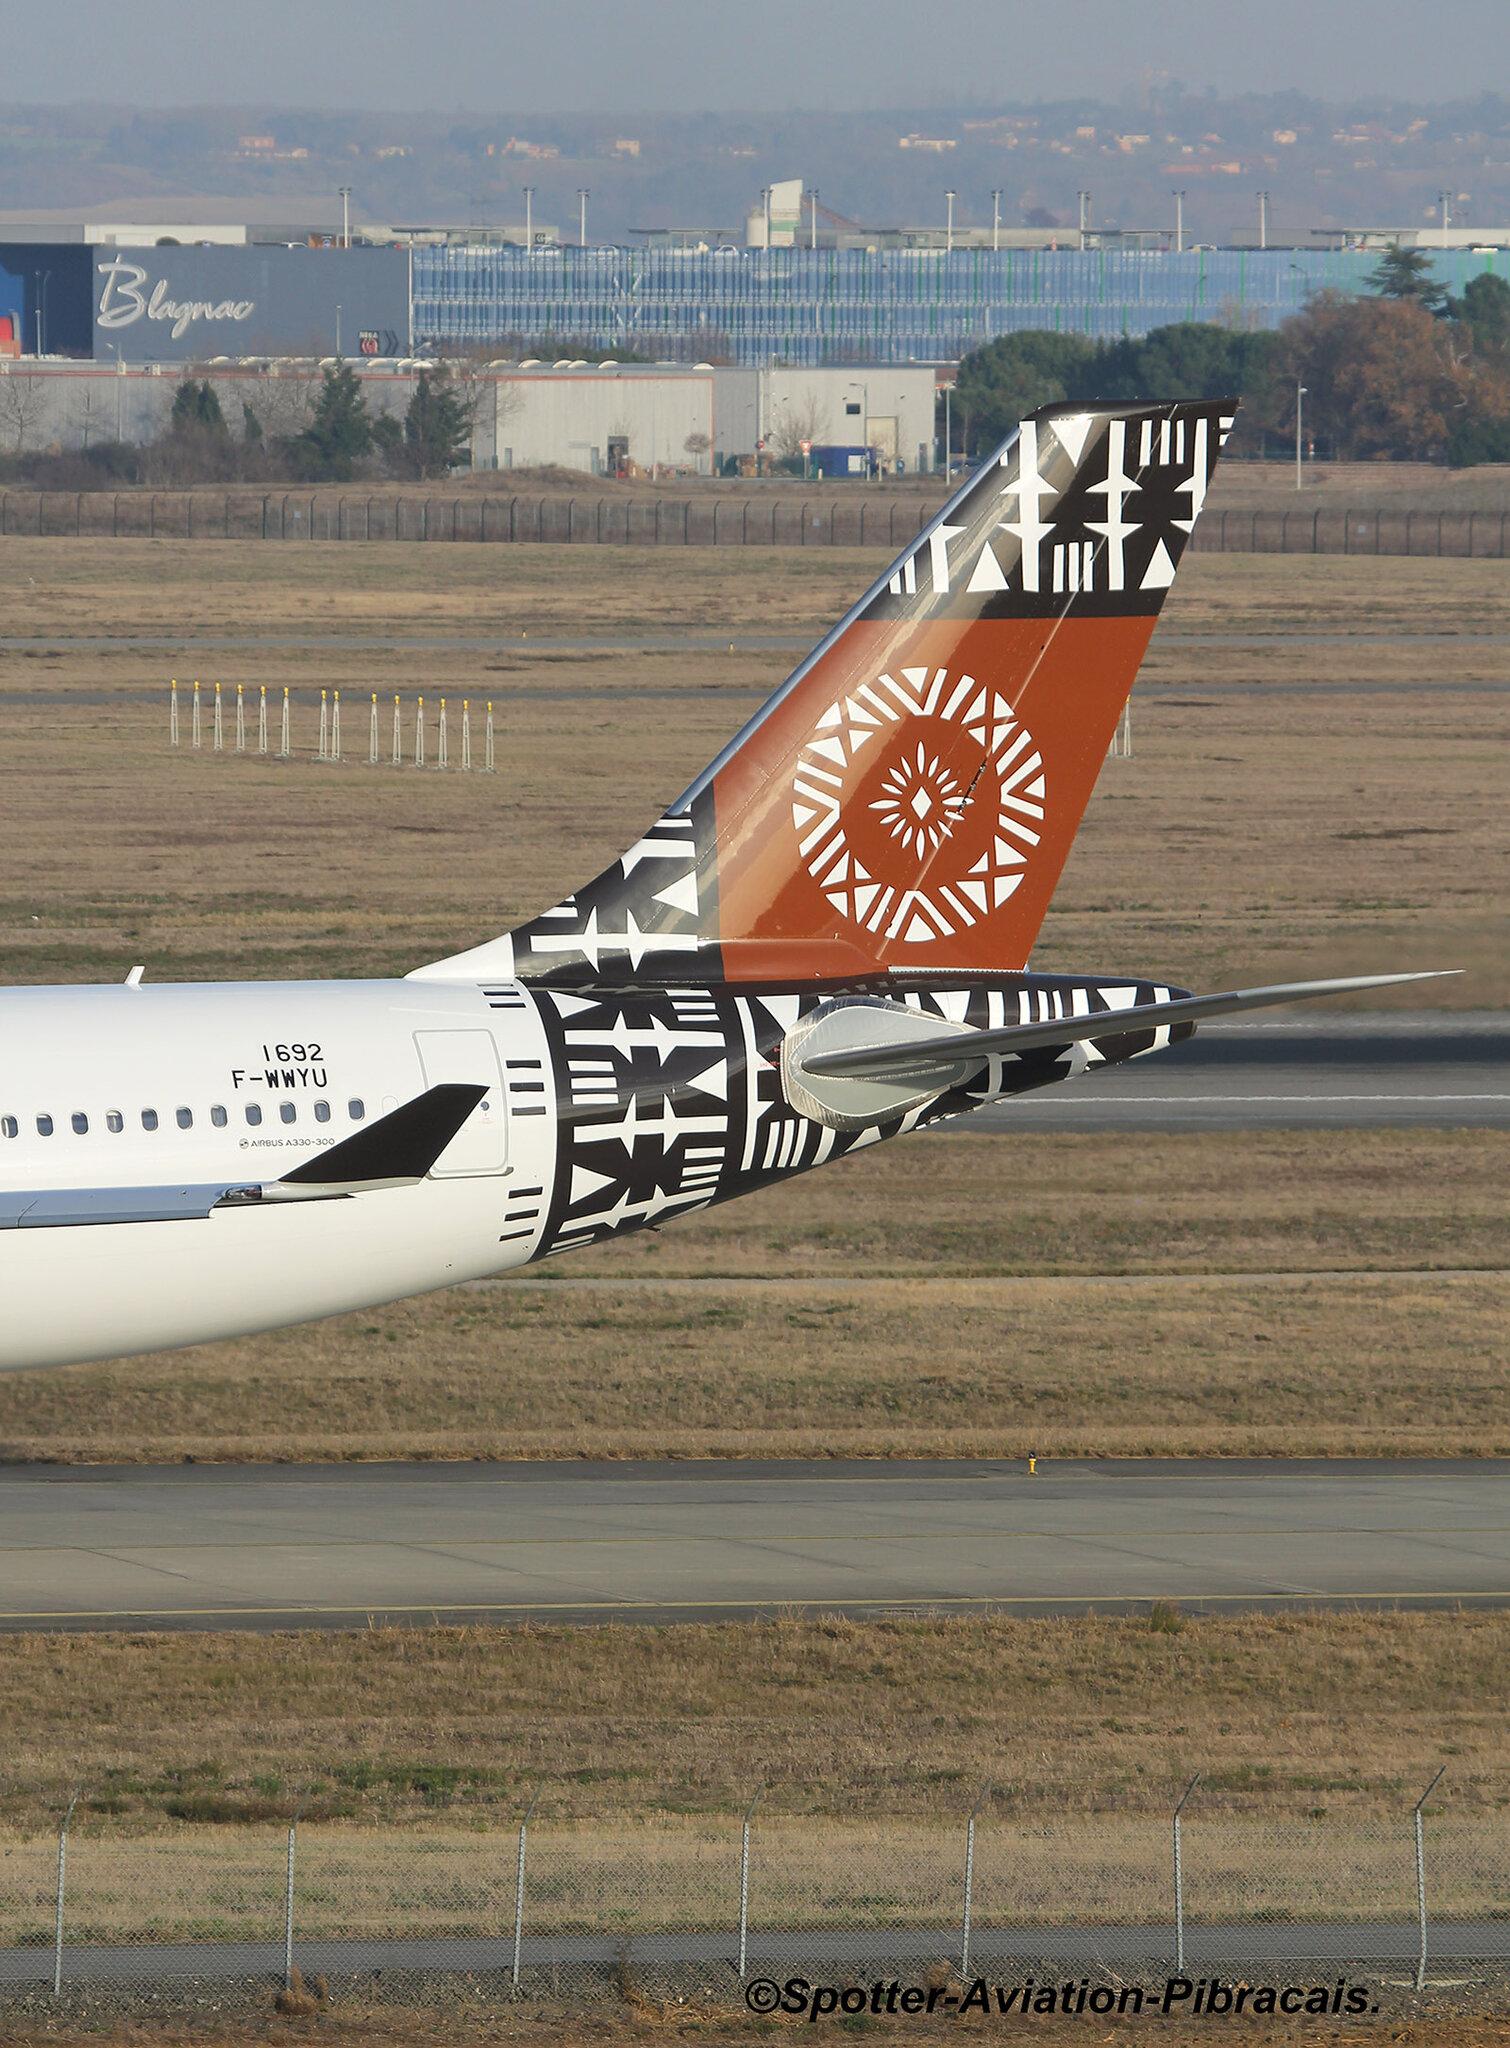 A roport toulouse blagnac tls lfbo fiji airways airbus a330 343 dq fjw f wwyu msn 1692 - Aeroport blagnac adresse ...